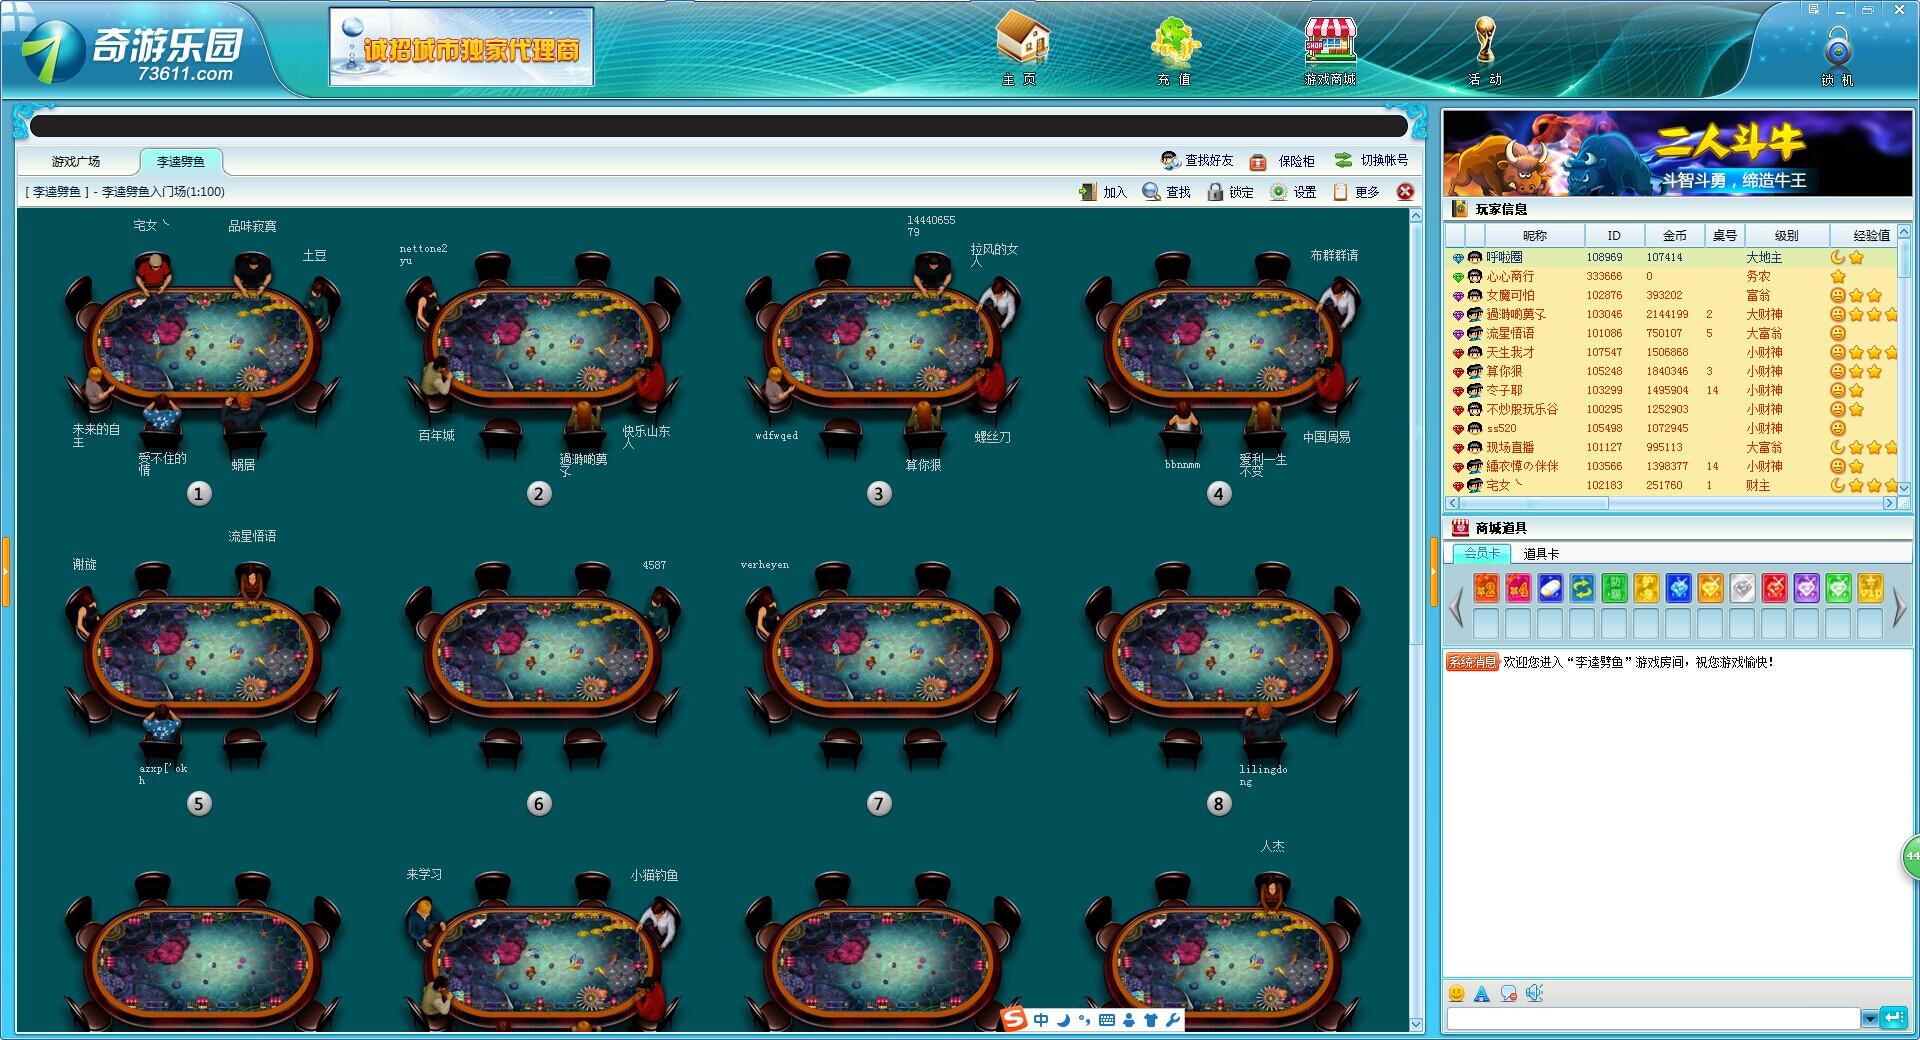 奇游乐园棋牌游戏大厅截图1